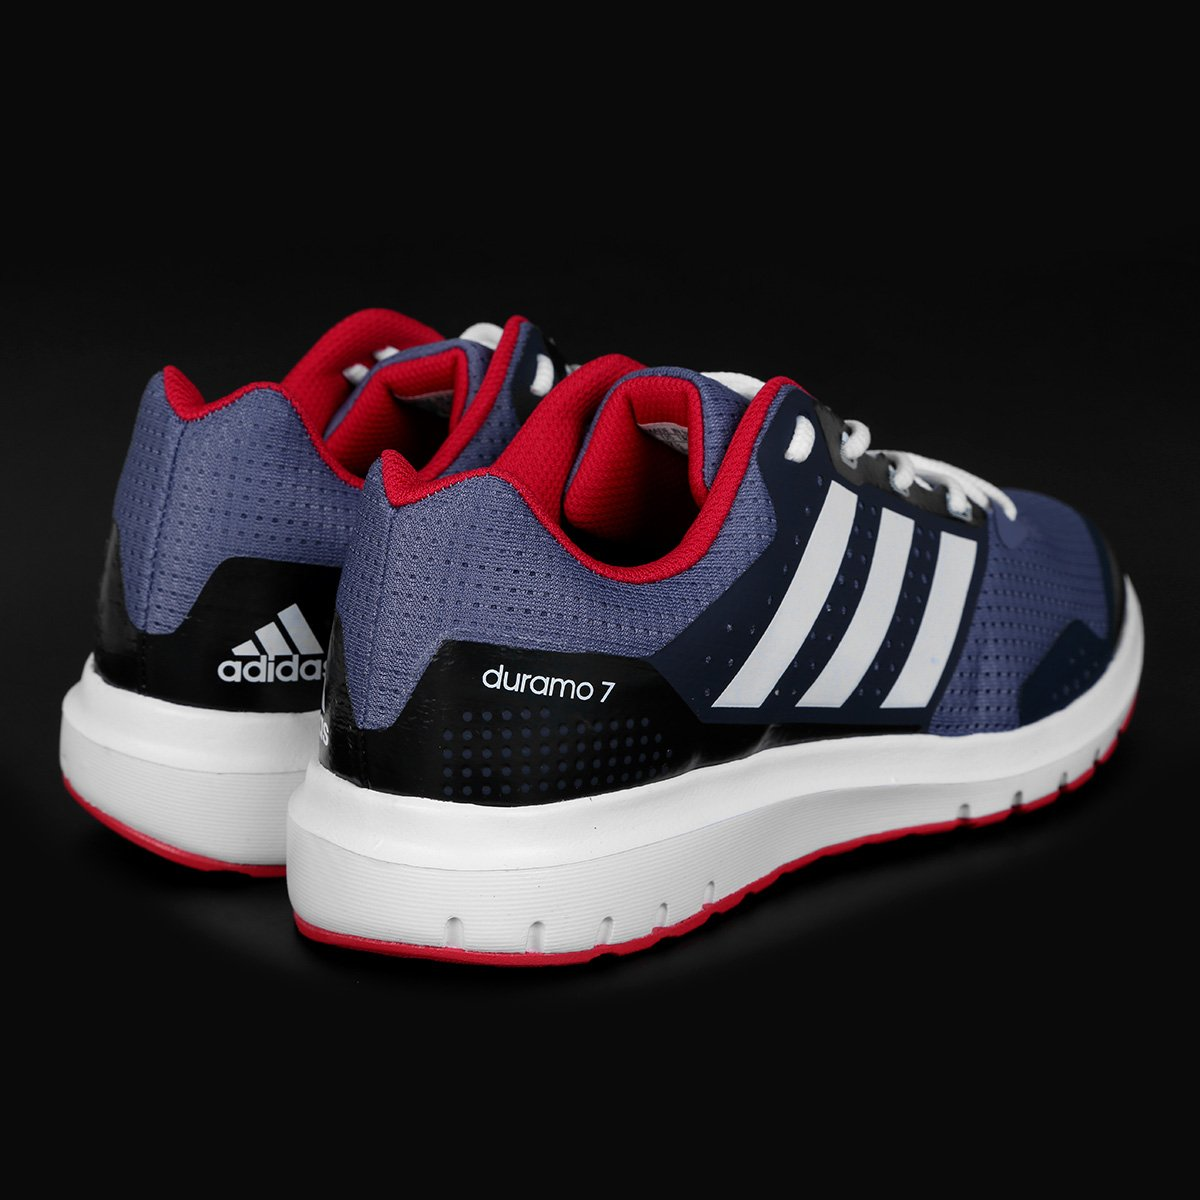 Tênis Adidas Duramo 7 Feminino - Chumbo e Vermelho - Compre Agora ... d2083c32367ef